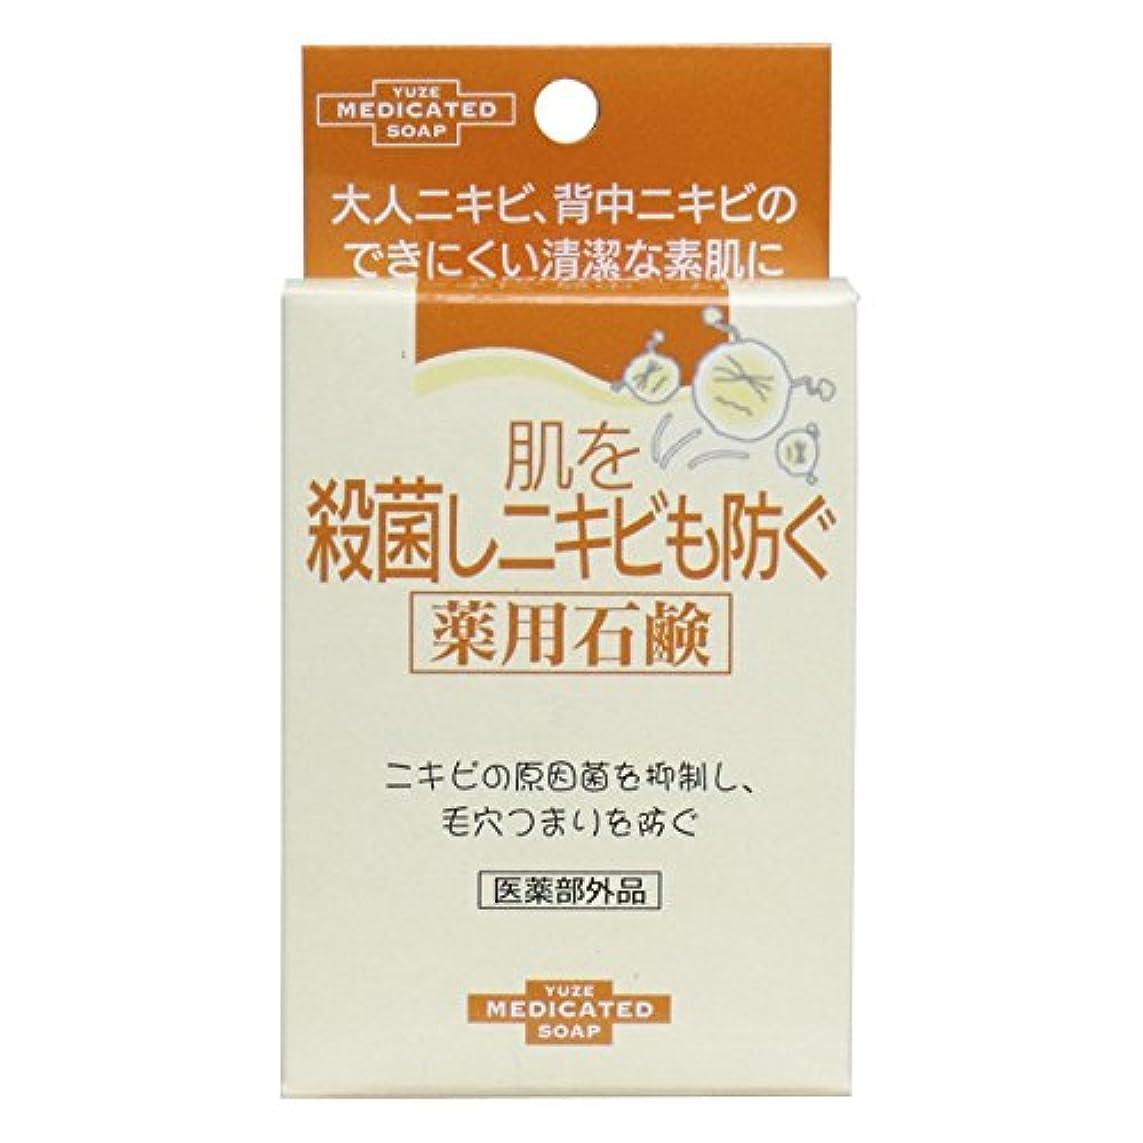 最高恥ずかしさコテージユゼ 肌を殺菌しニキビも防ぐ薬用石鹸 (110g)